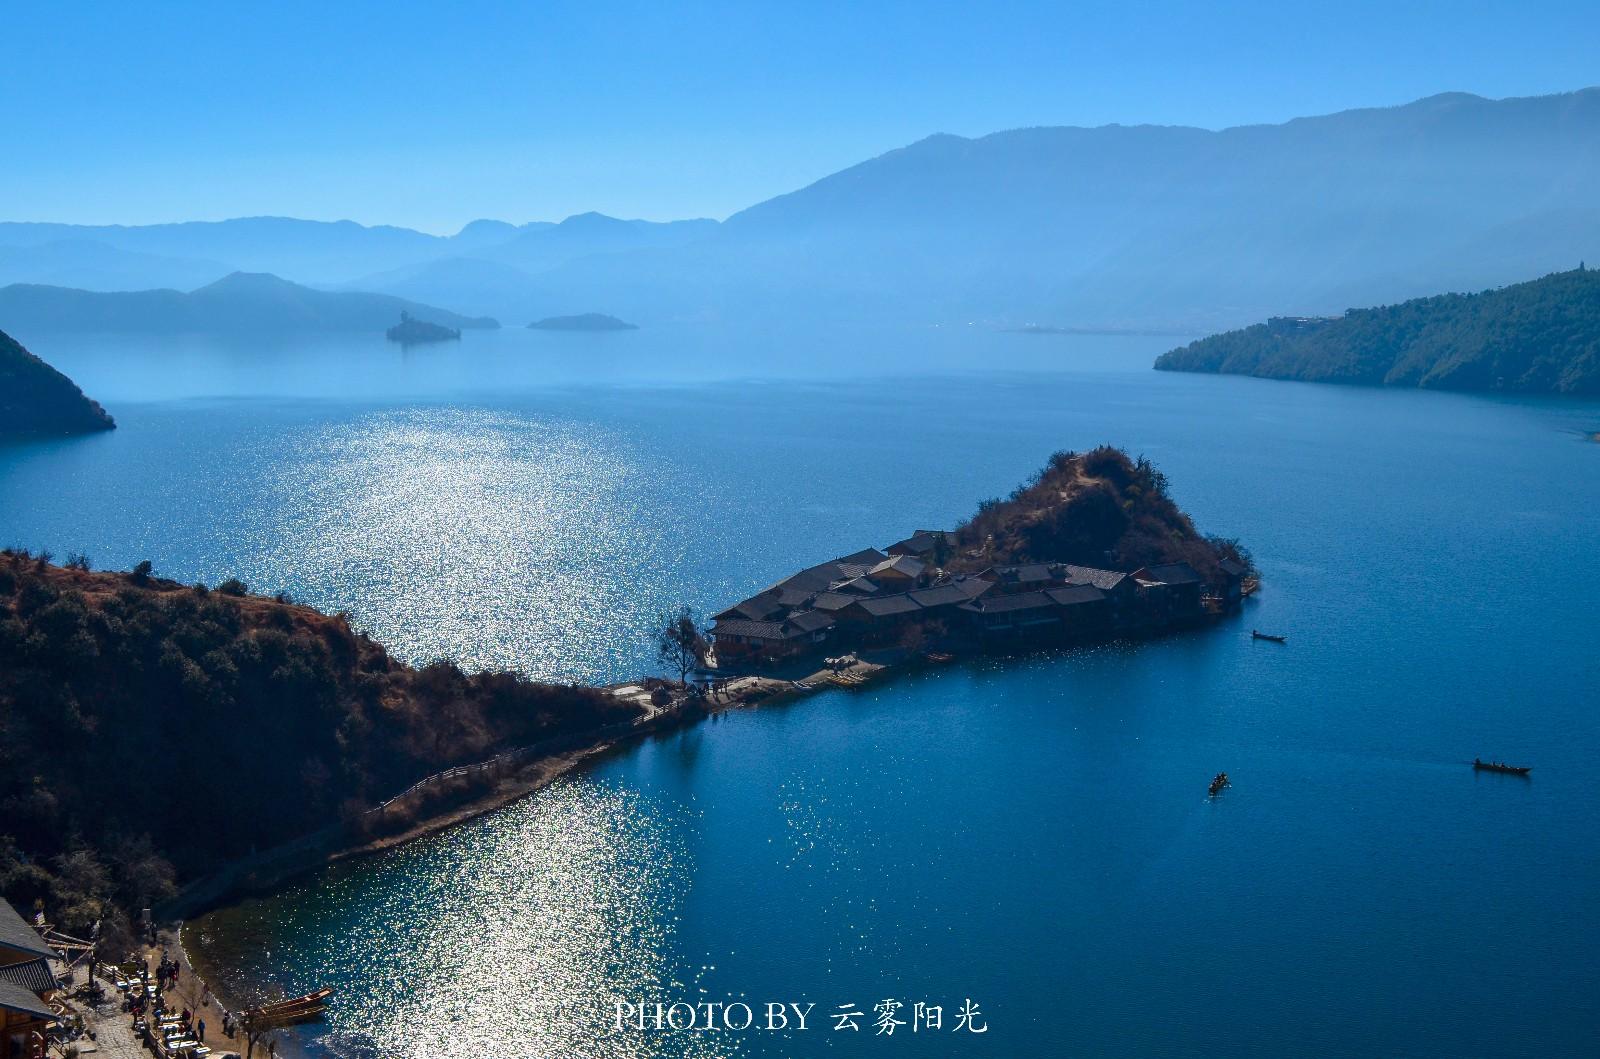 【新年輕度假】瀘沽湖環湖攻略|這么玩才能不虛此行